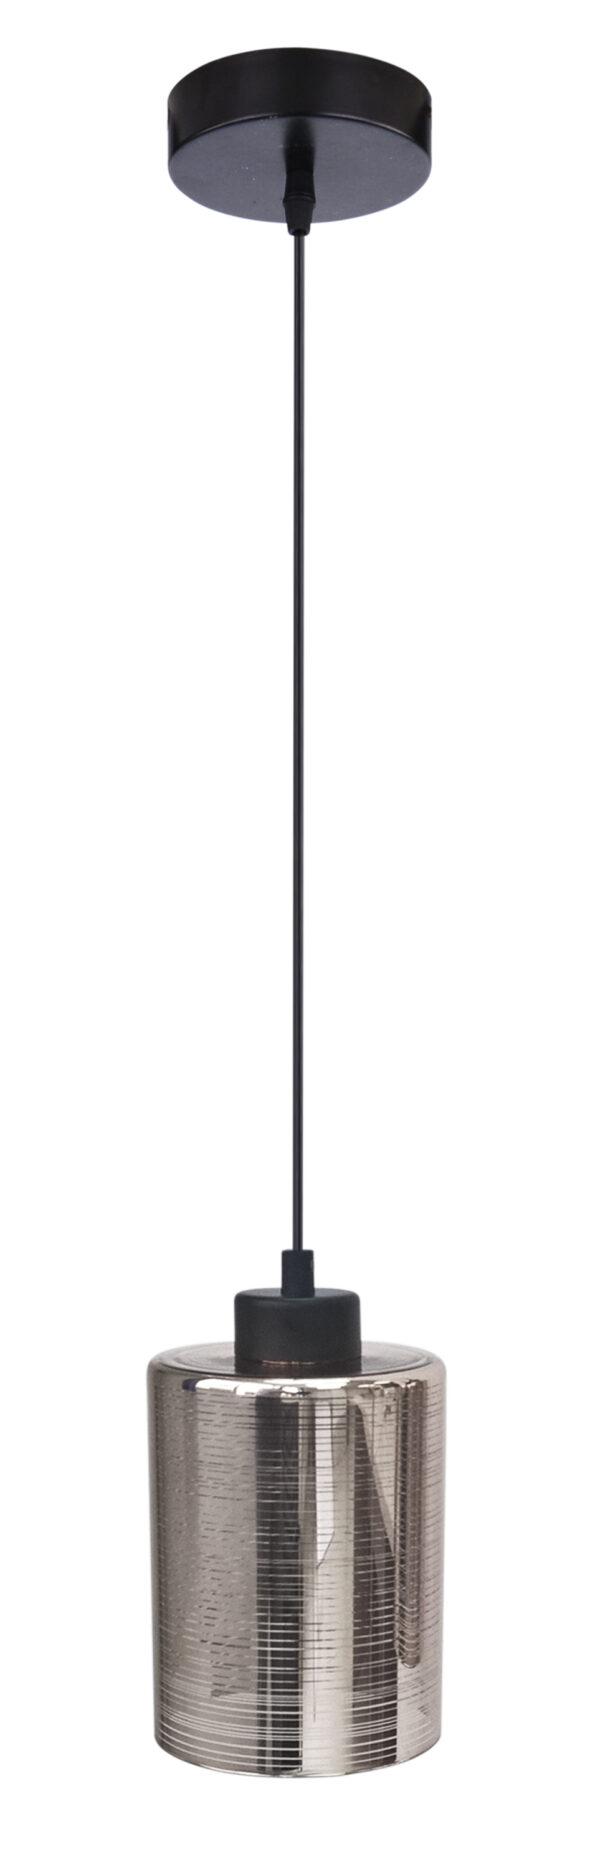 COX LAMPA WISZĄCA 12 1X60W E27 CHROM - 31-53862